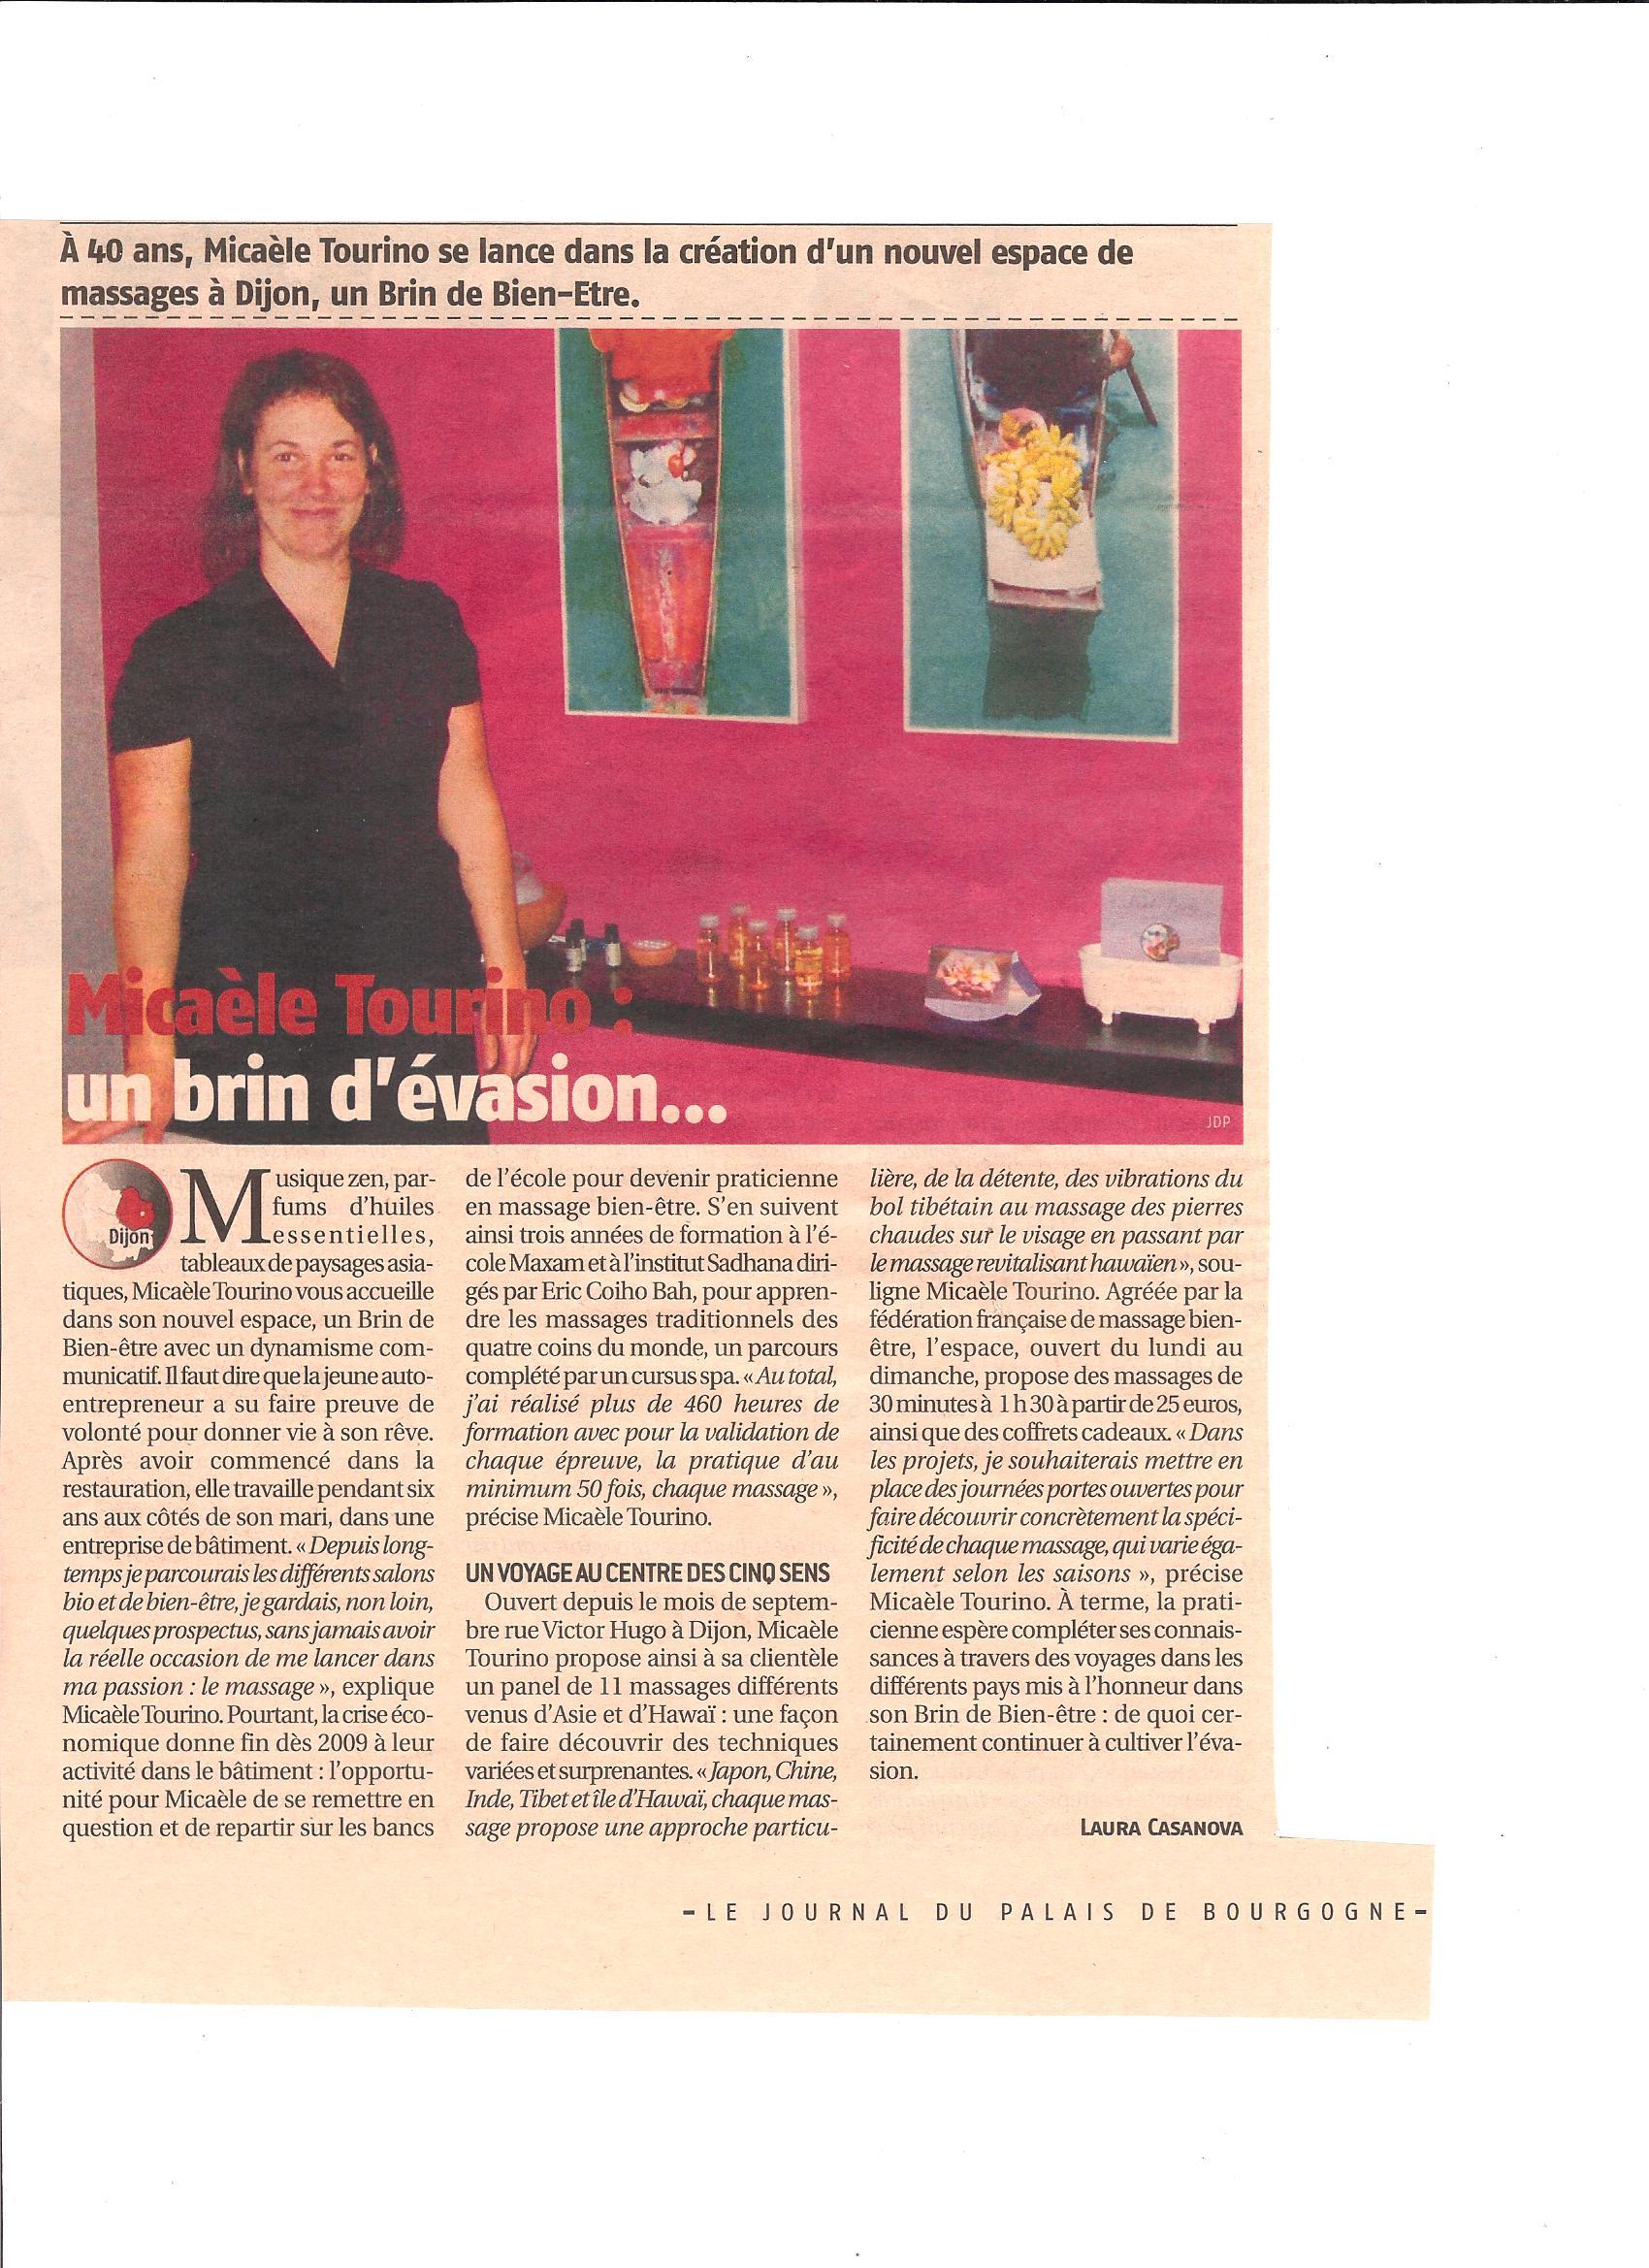 Journal du Palais 2013